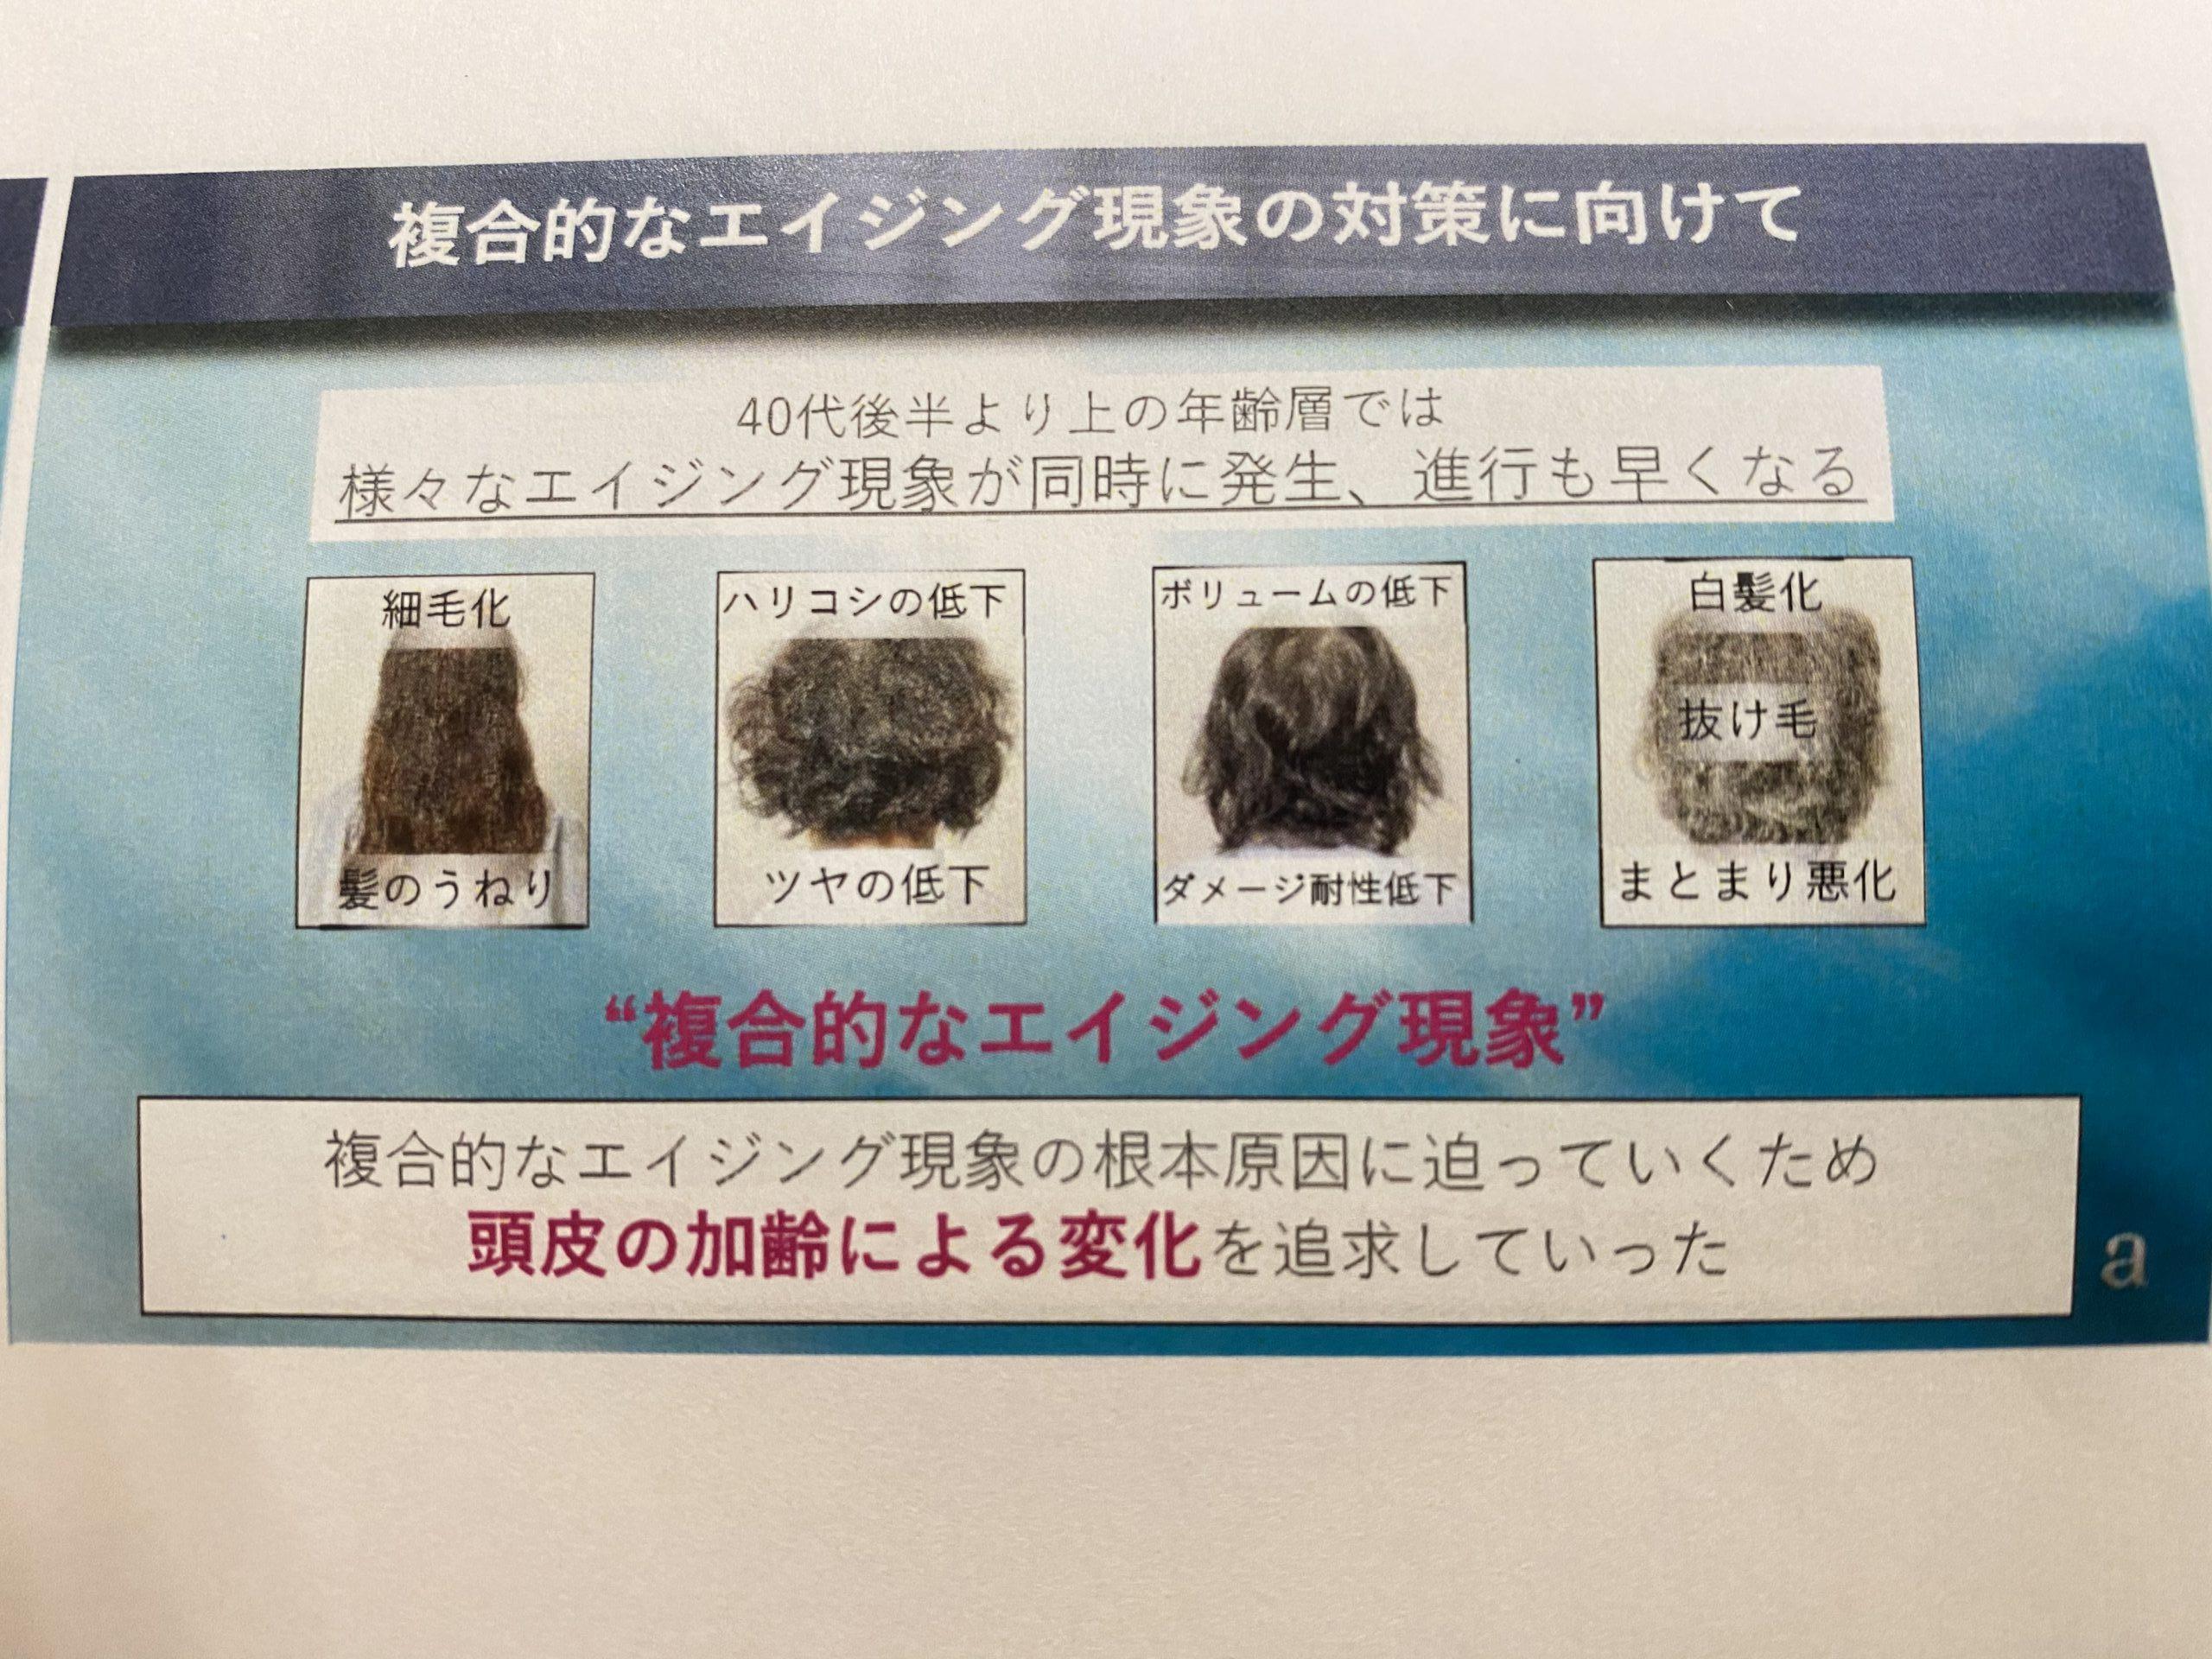 広島県廿日市市にある美容室、プロッソル廿日市店で抜け毛、白髪、細毛、くせ毛のお悩みを解決できるオージュア新アイテムフォルティスで頭皮からヘアケア